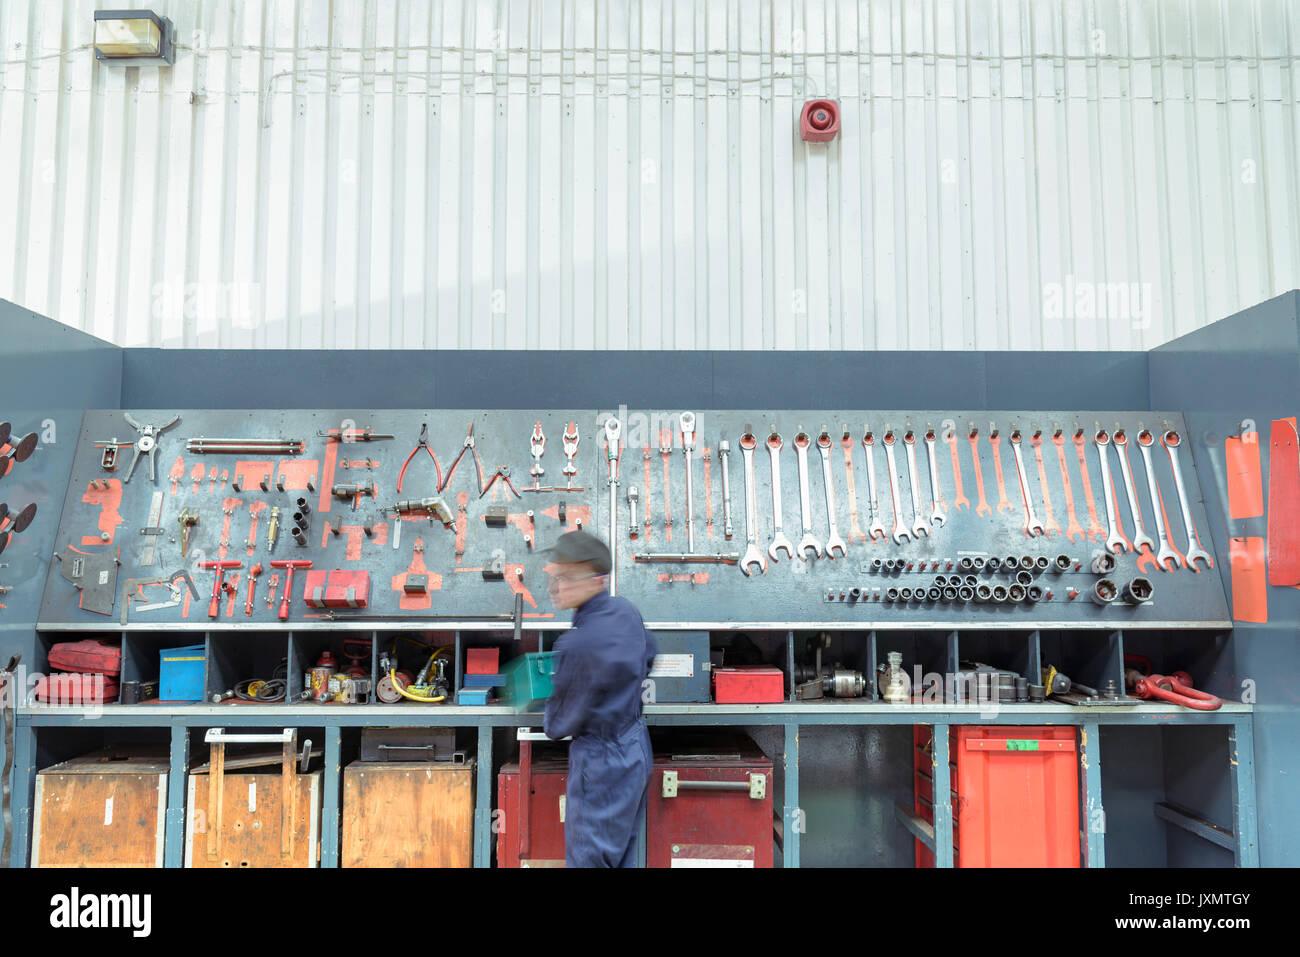 Locomotiva ingegnere strumenti di prelievo in treno funziona Immagini Stock